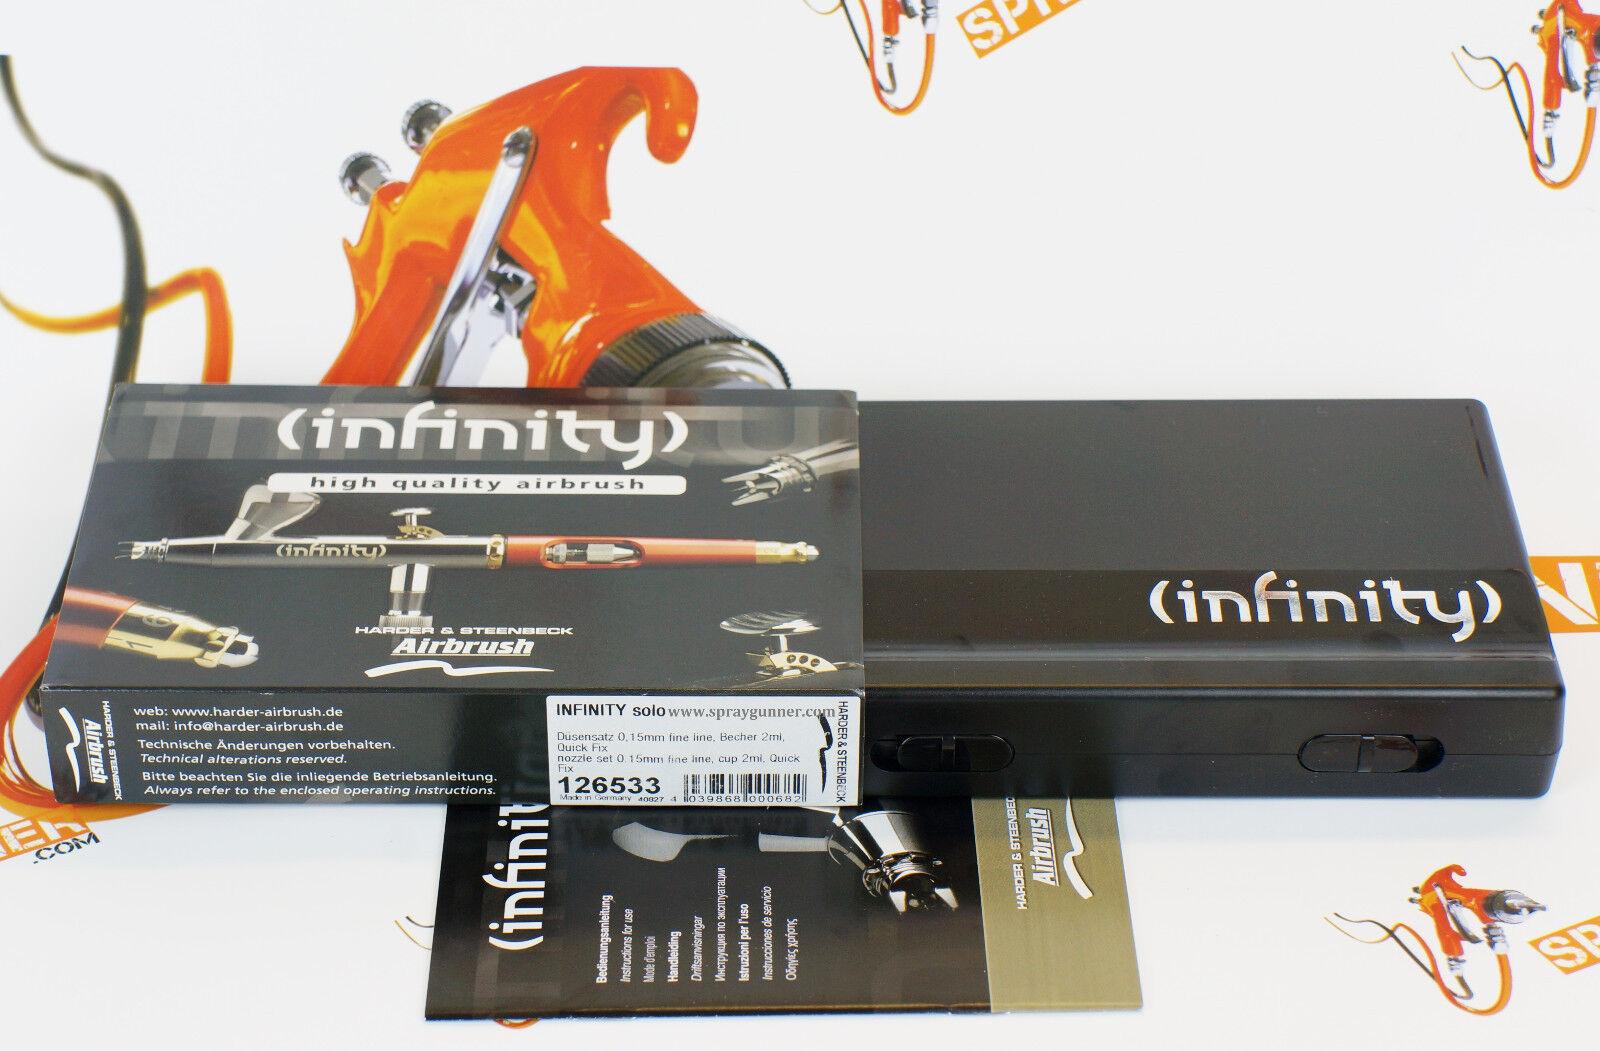 Infinity Solo Airbrushpistole 126533 Fine Art Airbrush Pistole Airbrush-City